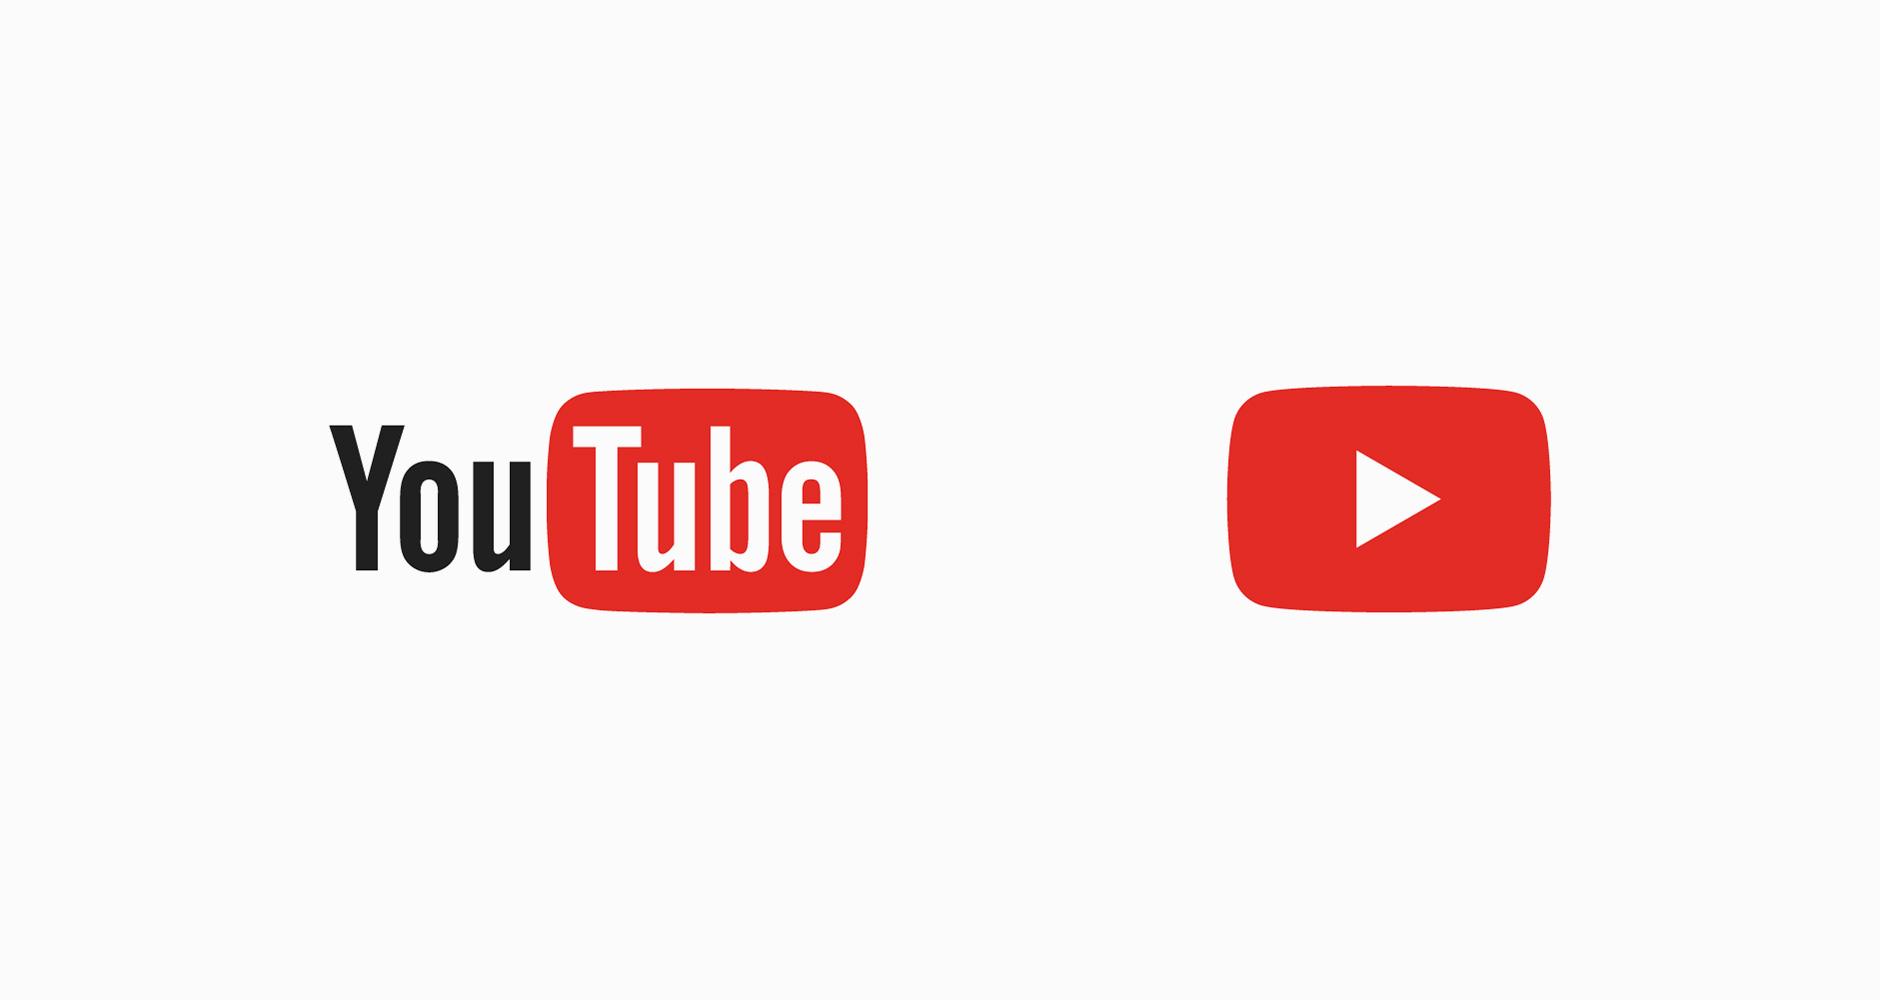 YouTubeSans-inline_02_old_logos.png